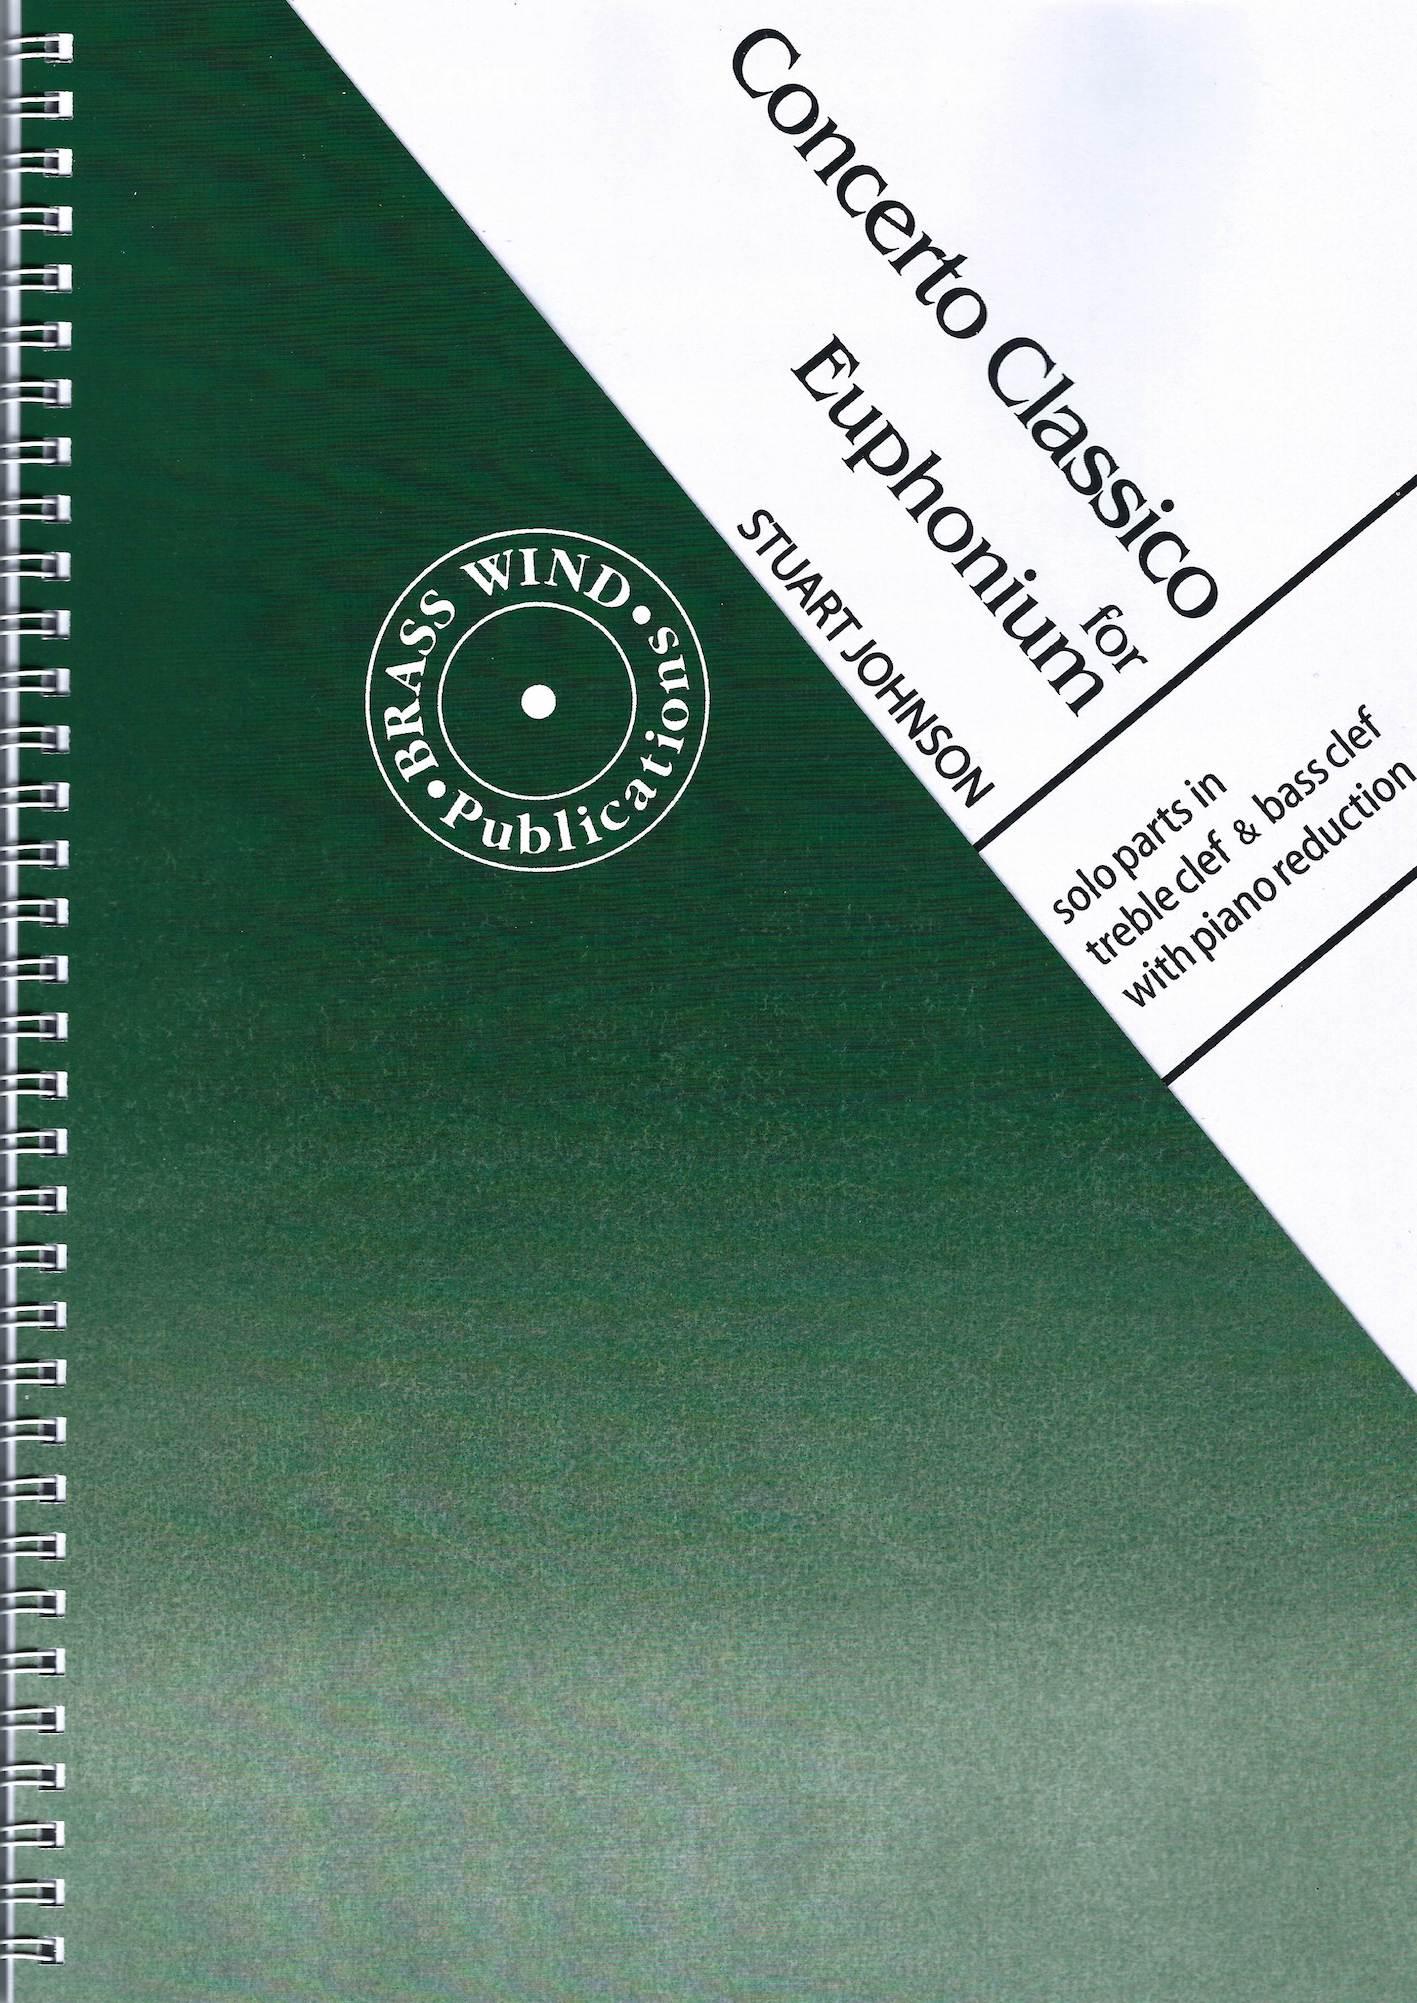 Concerto Classico - Stuart Johnson - Euphonium and Piano